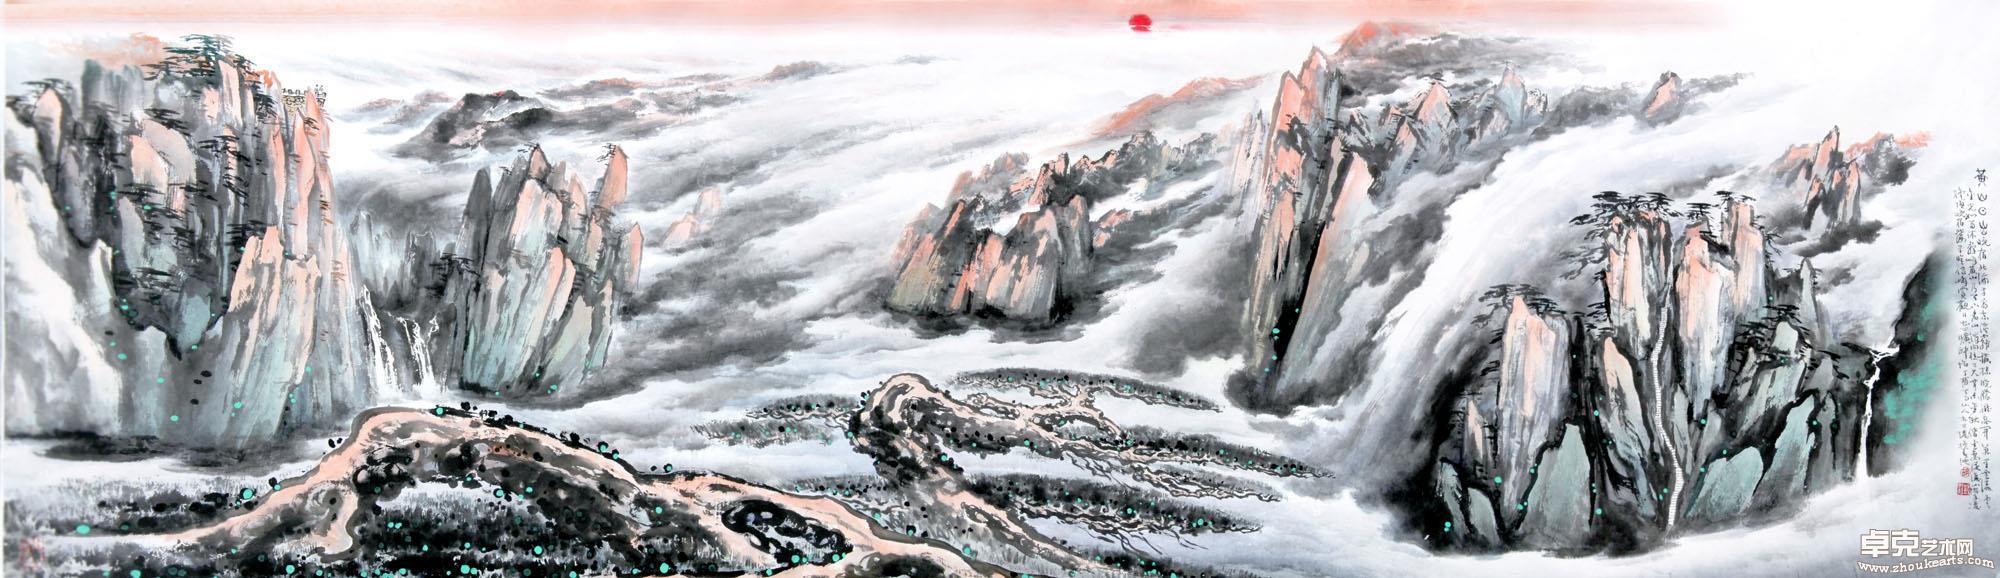 黄山日出240x70cm